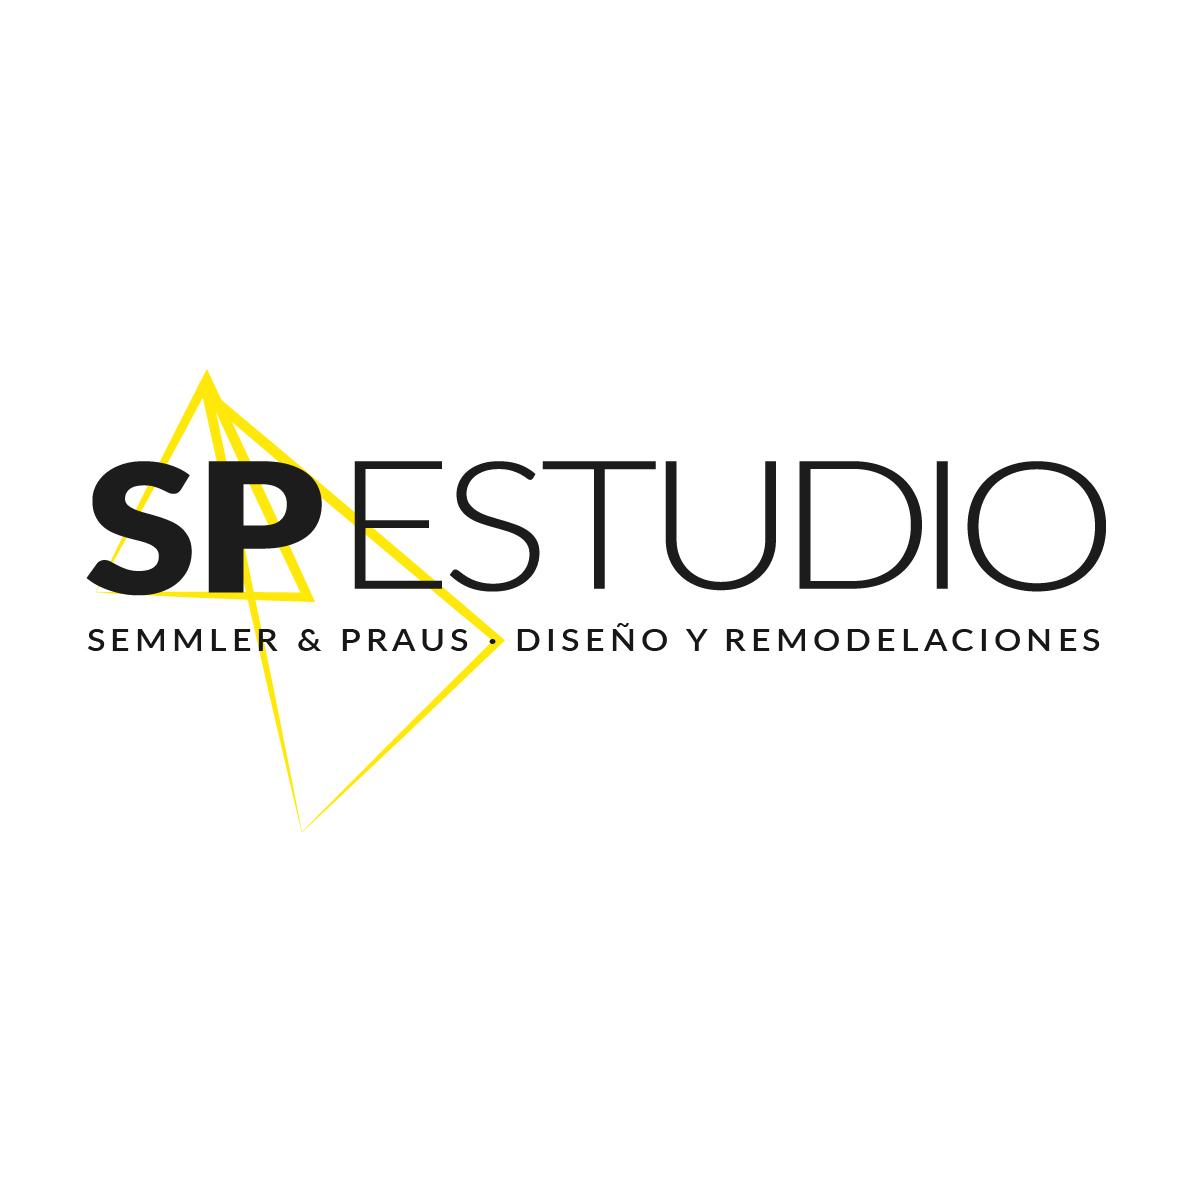 Sp Estudio Diseño Y Remodelacion